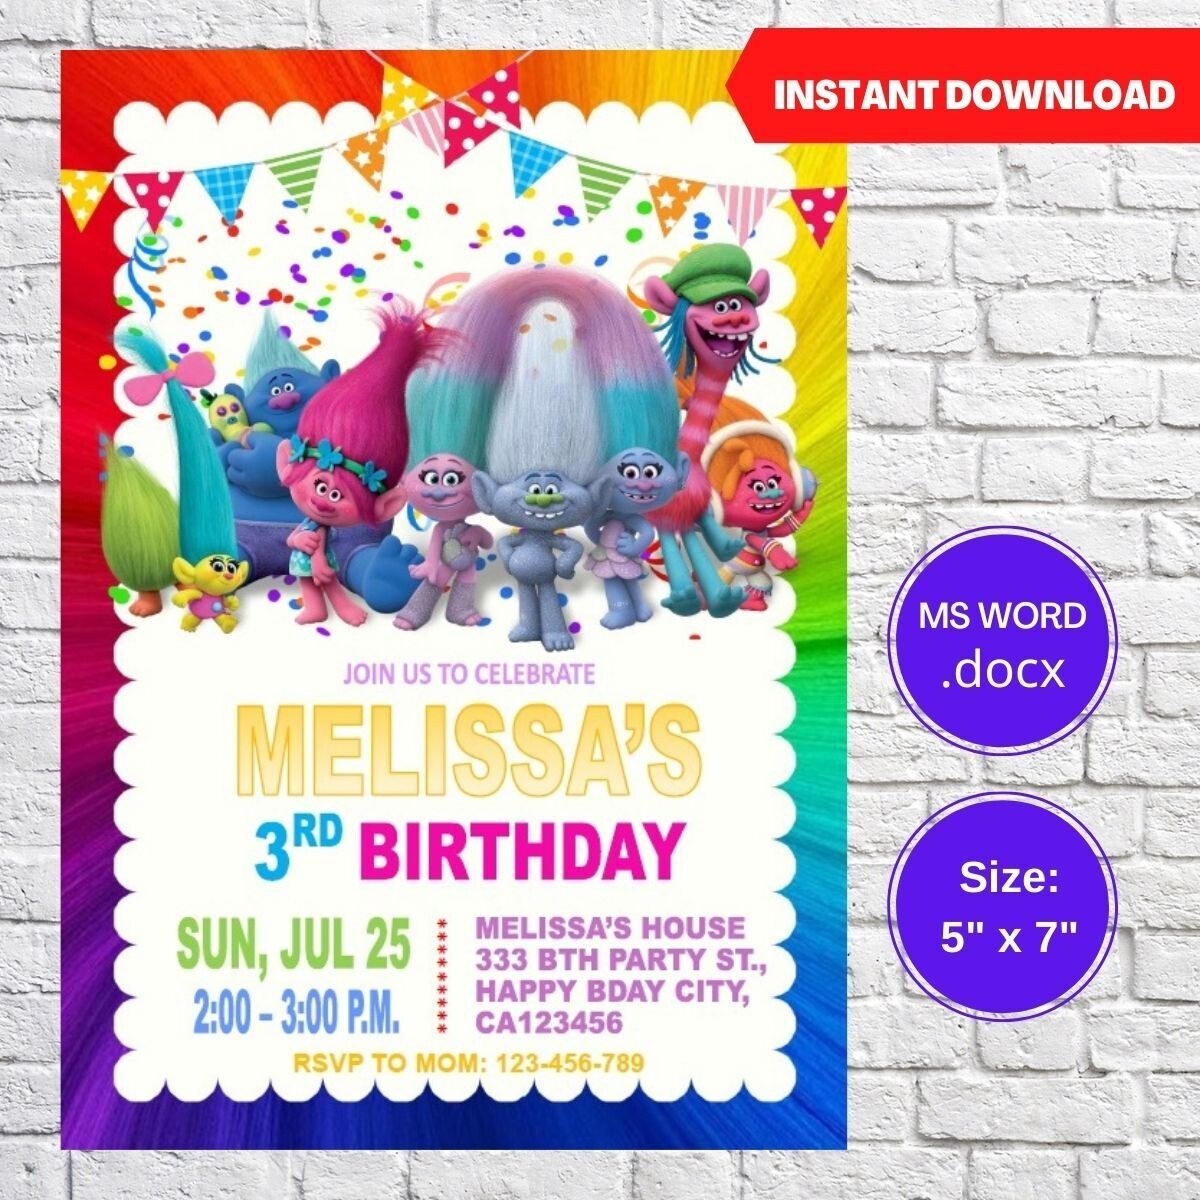 Trolls Poppy Party Birthday Invitation Template